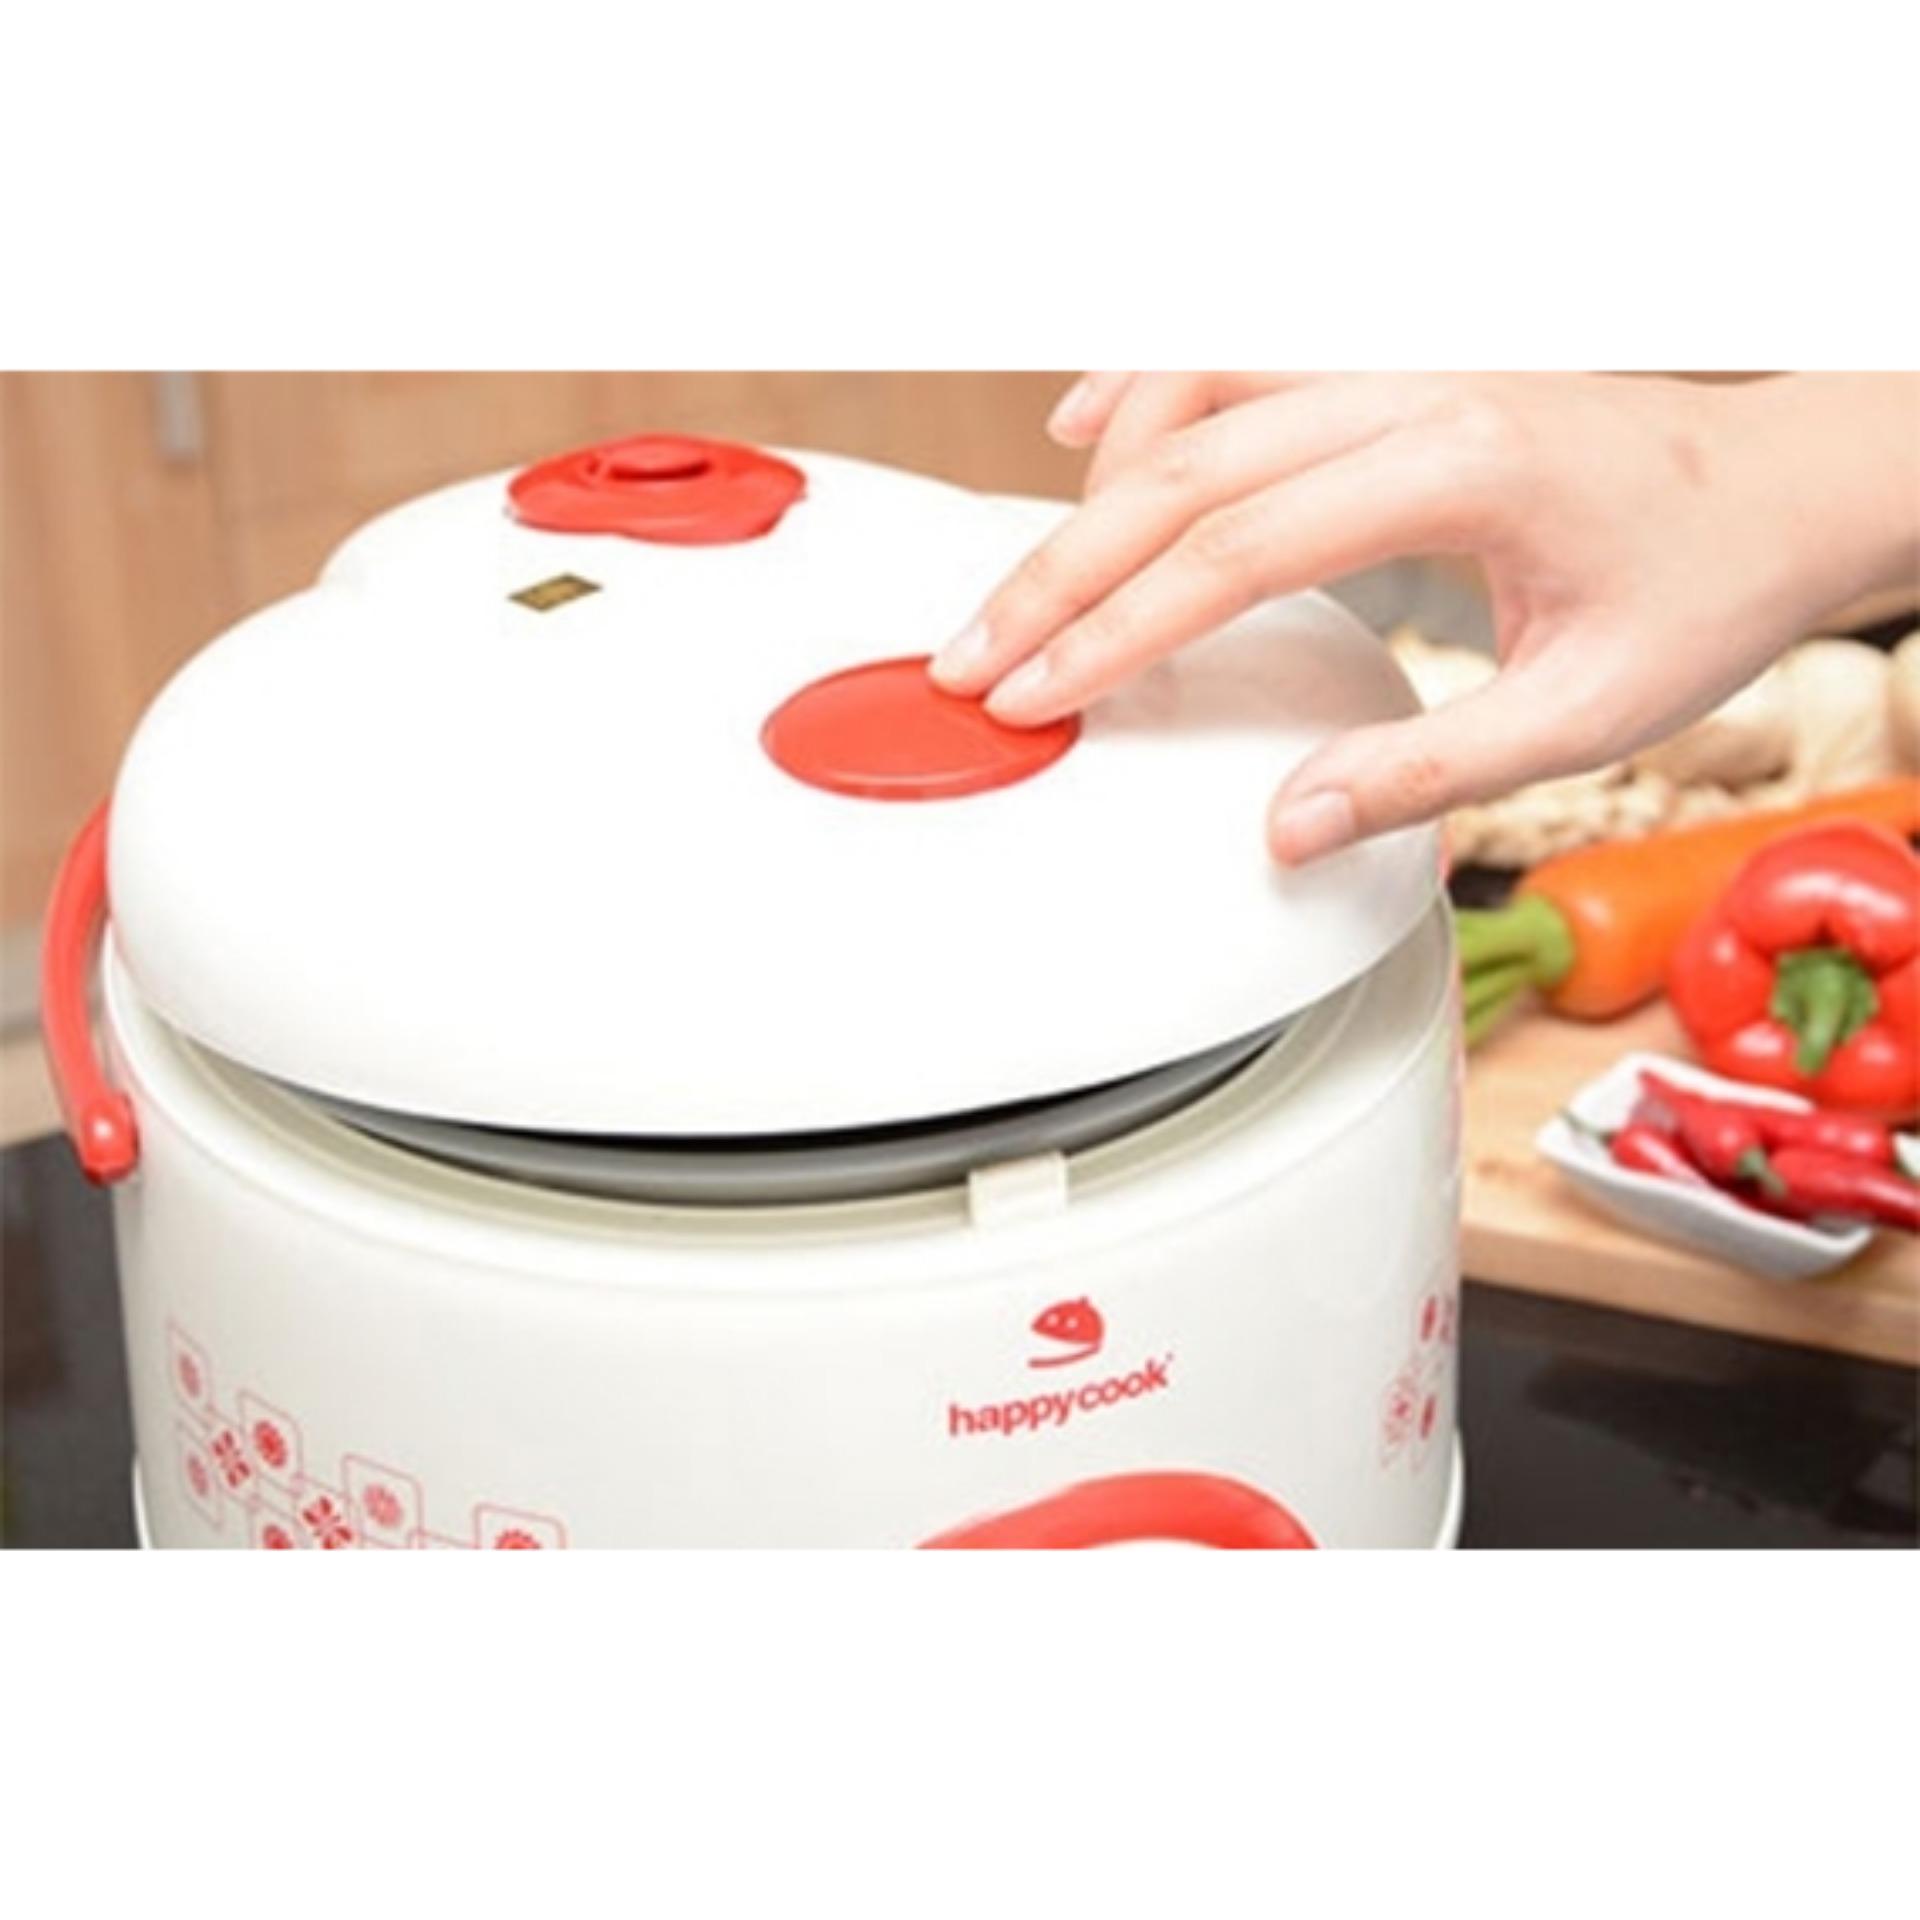 Nồi cơm điện Happycook 1.8 lít HC-180A Đỏ